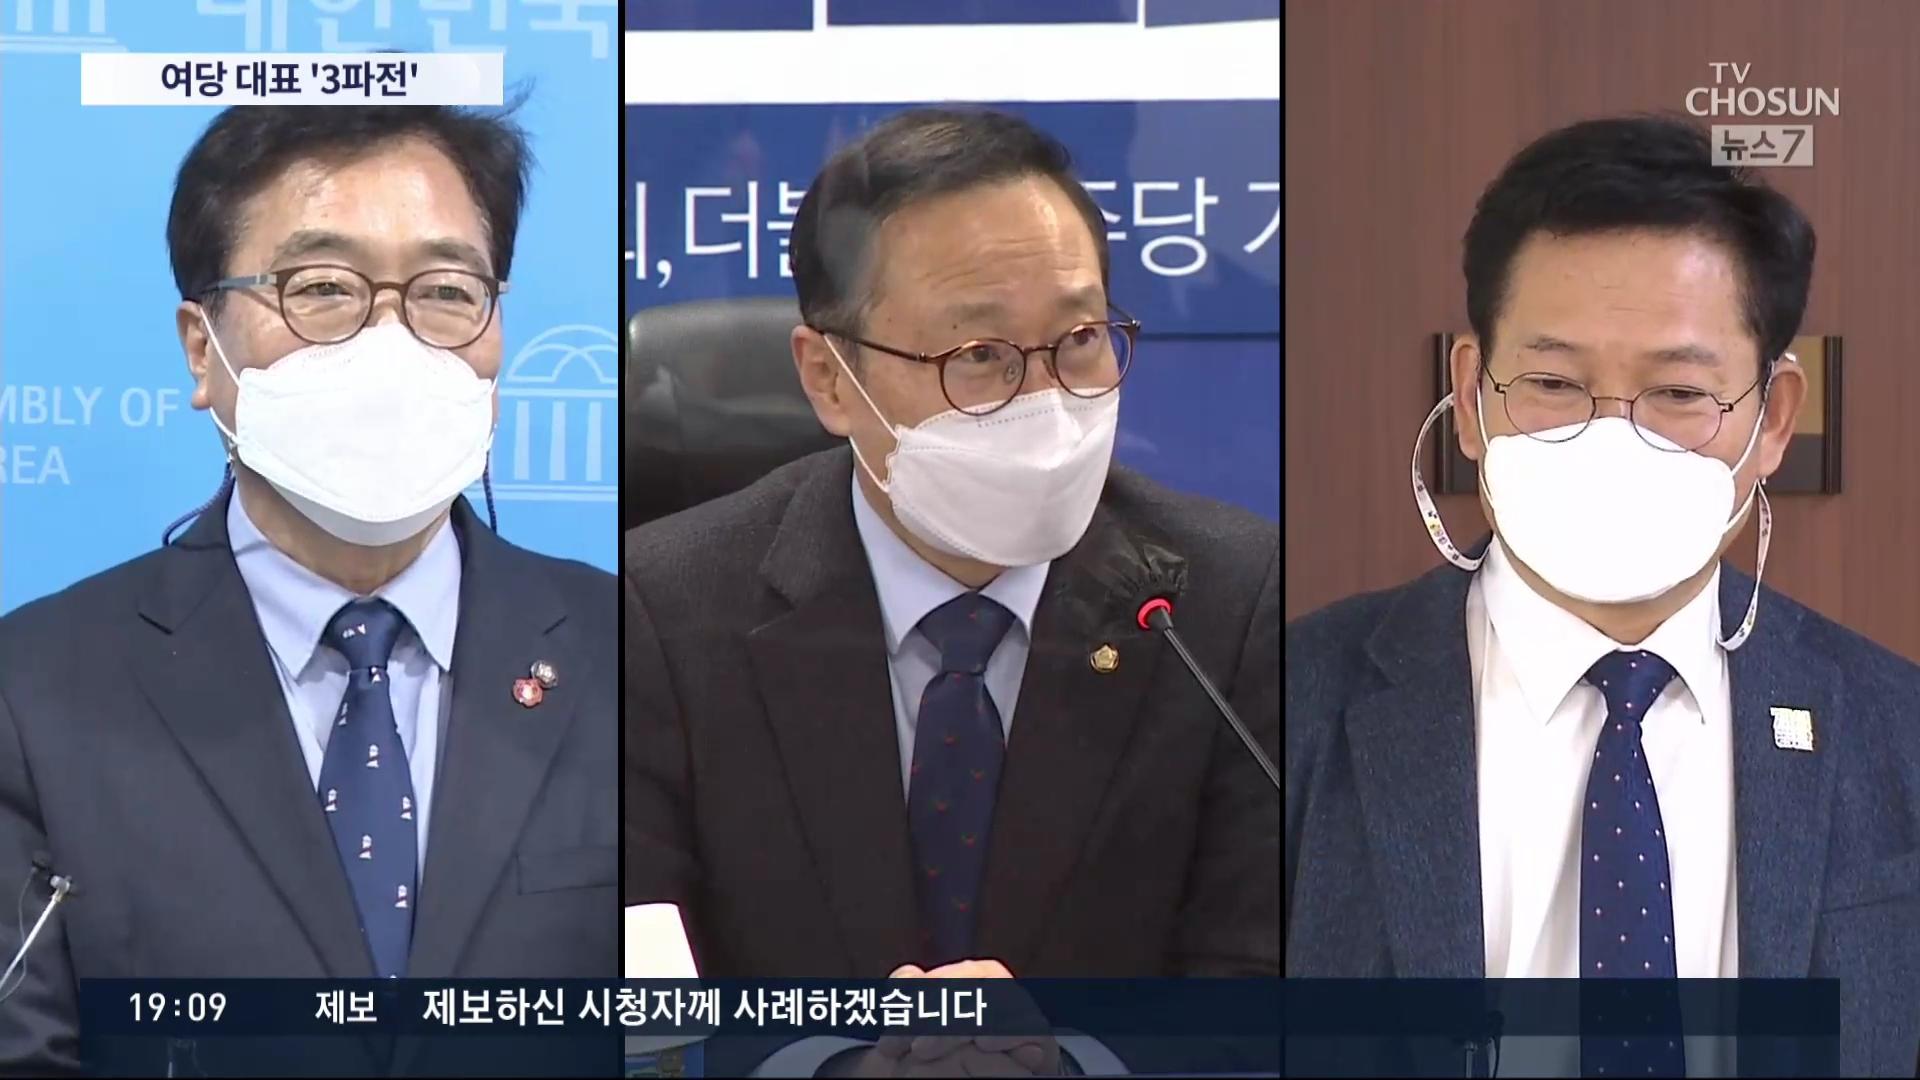 '참패' 與 수습할 구원투수는…송영길·홍영표·우원식 '3파전'